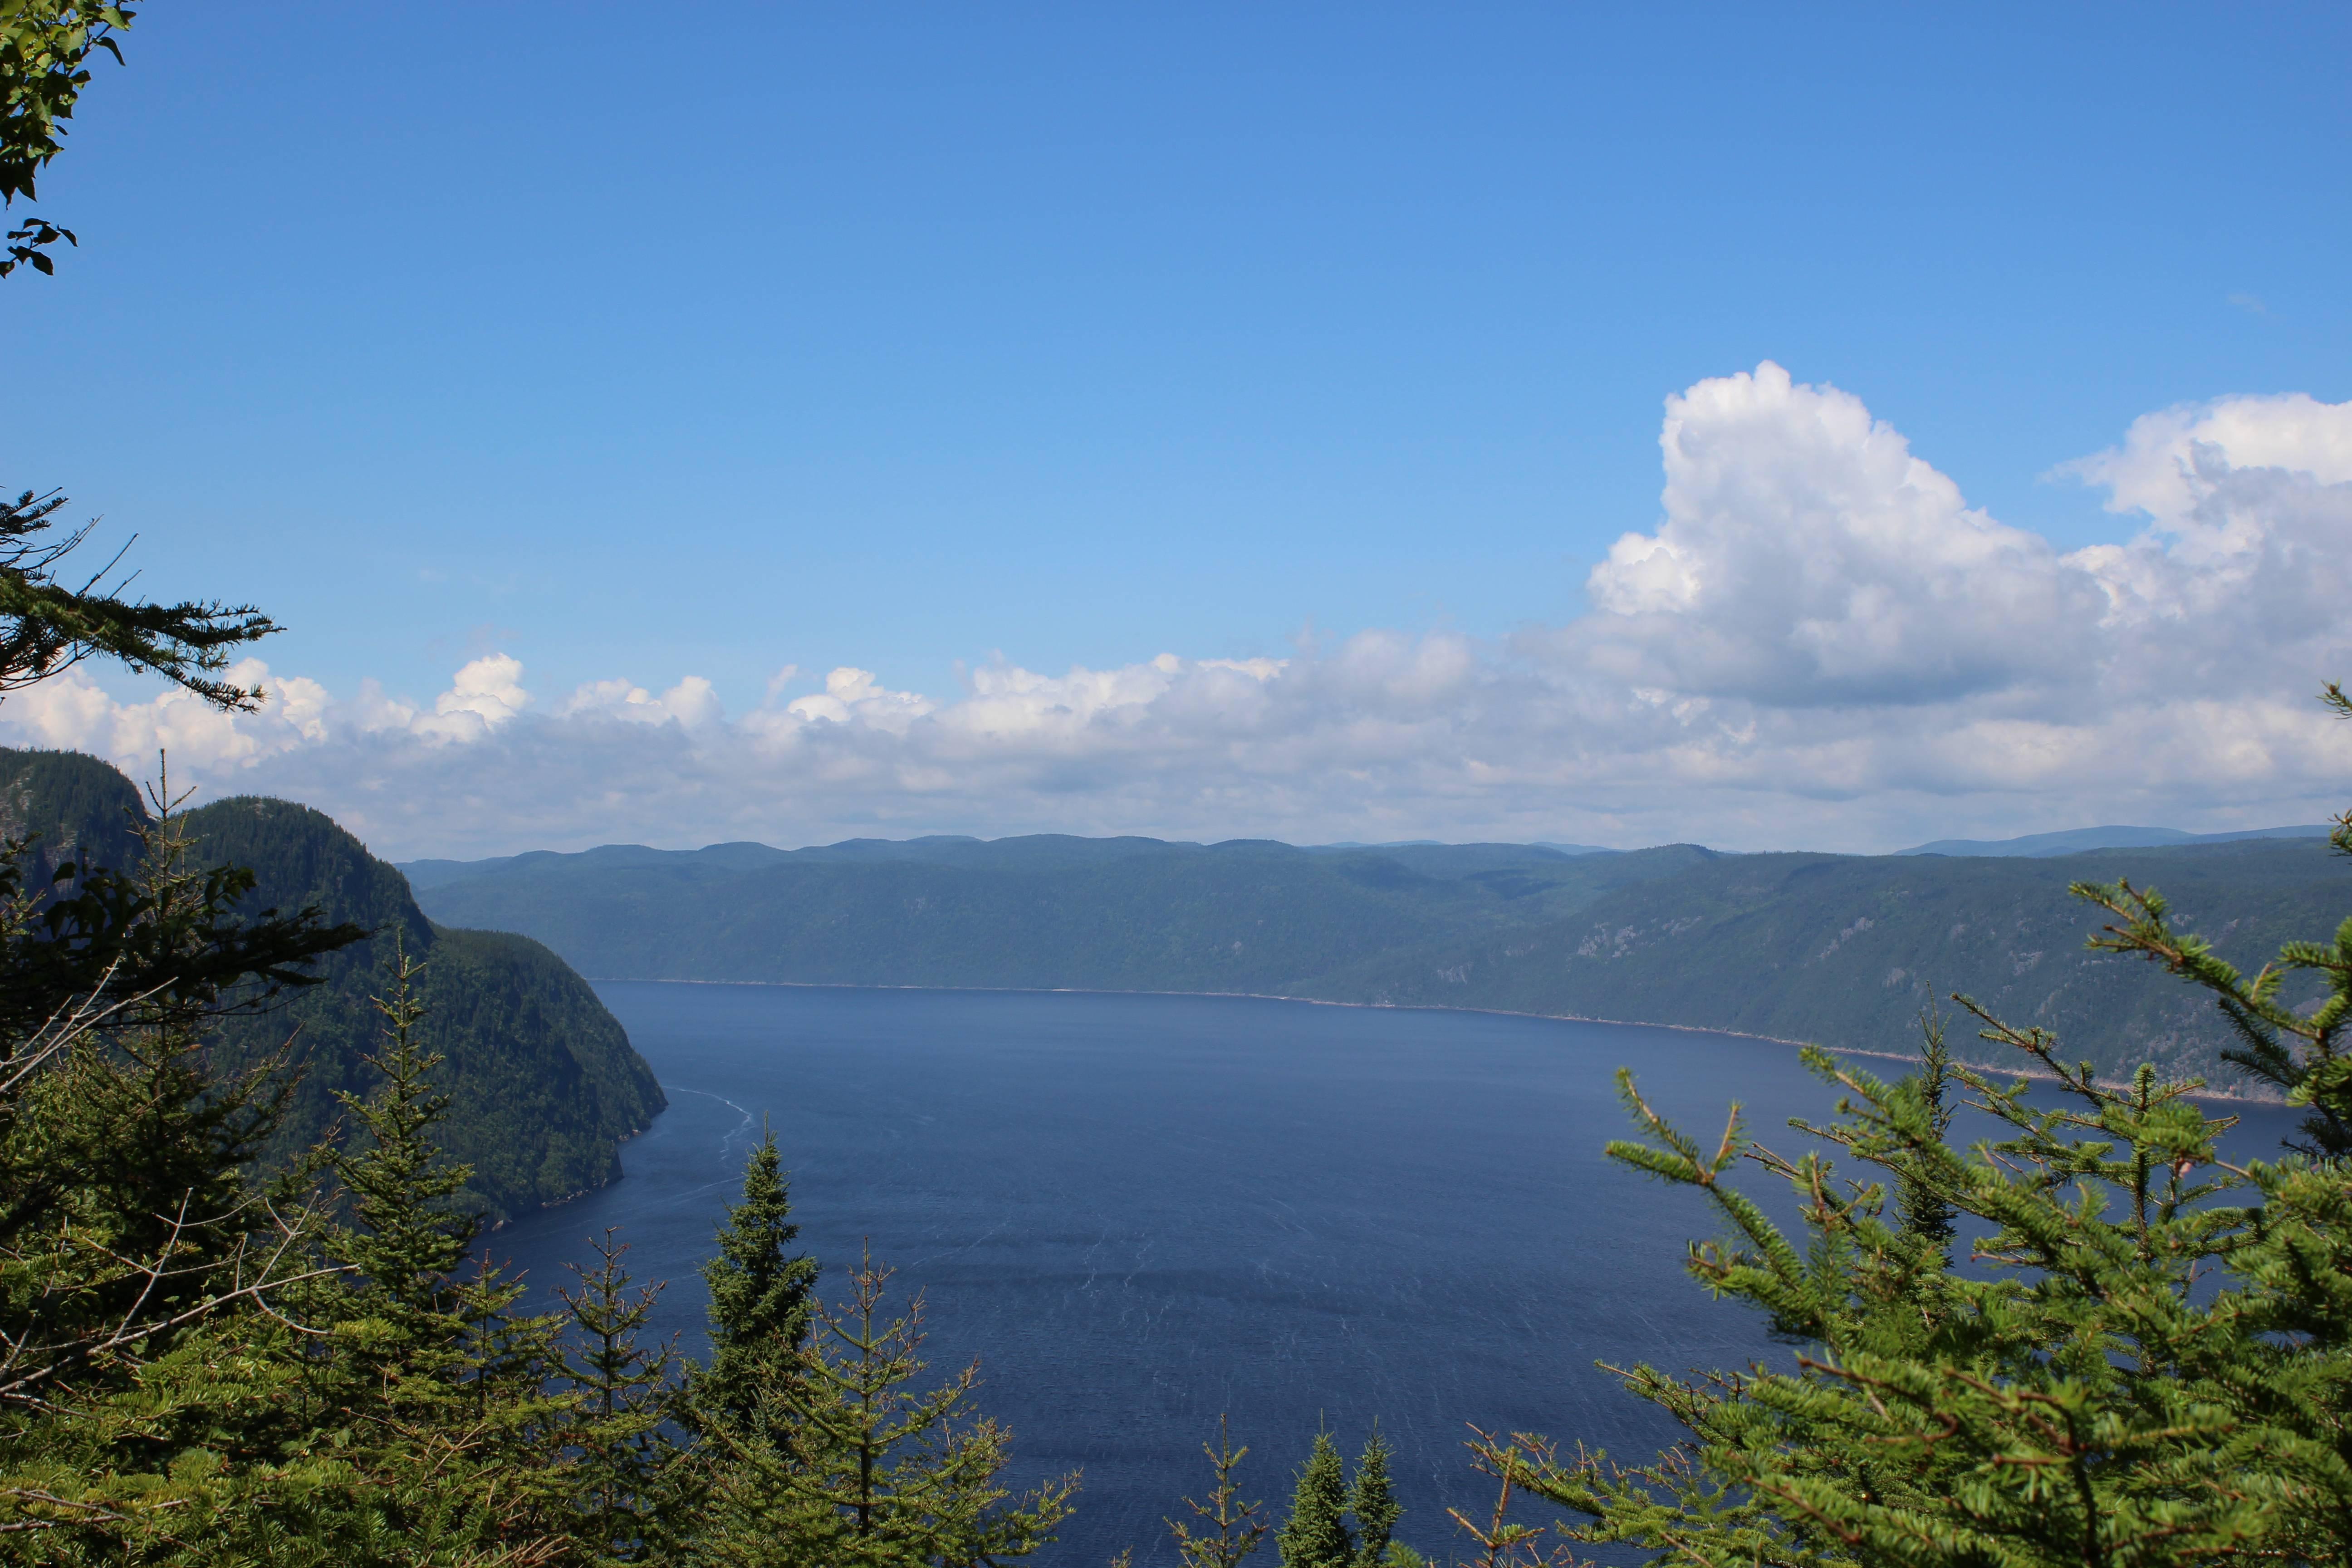 Photo 2: CANADA,  Balade rando Parc national du Fjord-du-Saguenay, secteur Baie-Éternité